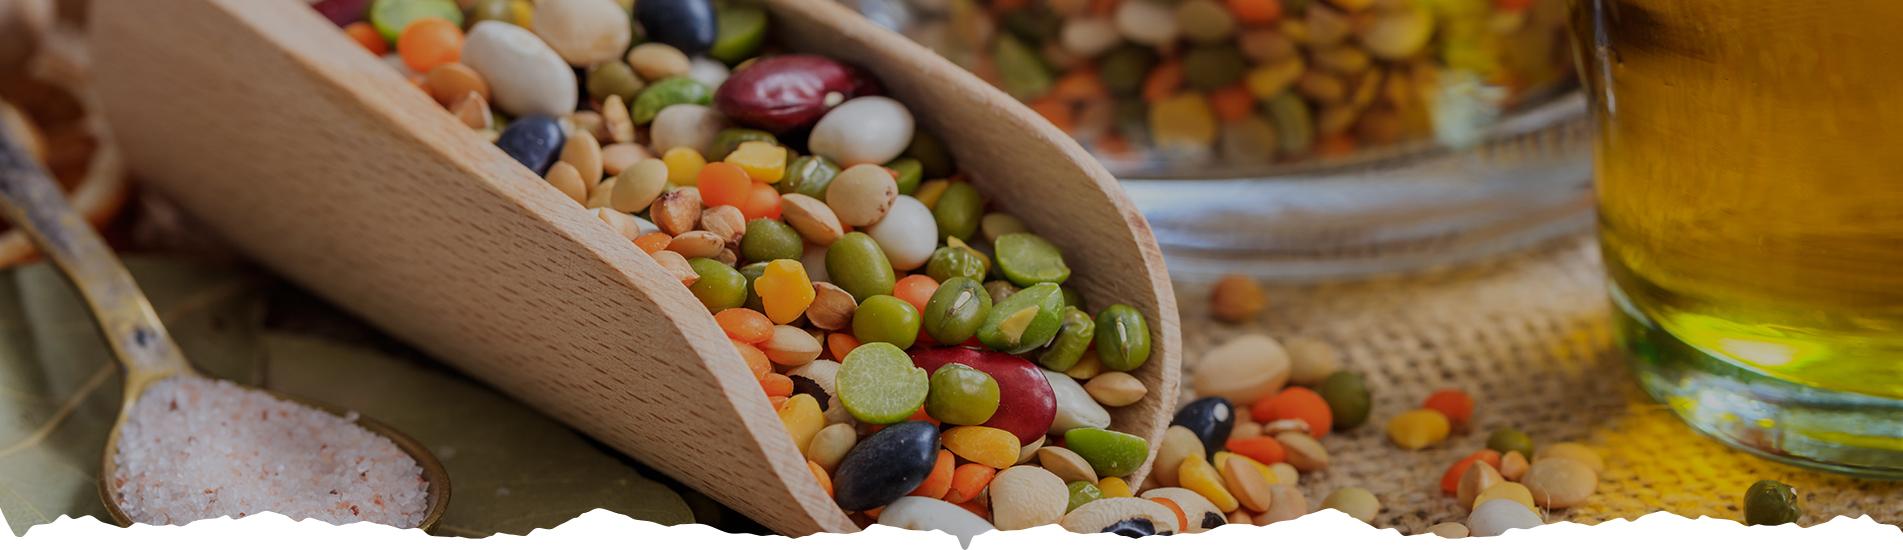 מזווה אורגני - משק מיכאלי - סלי ירקות ופירות